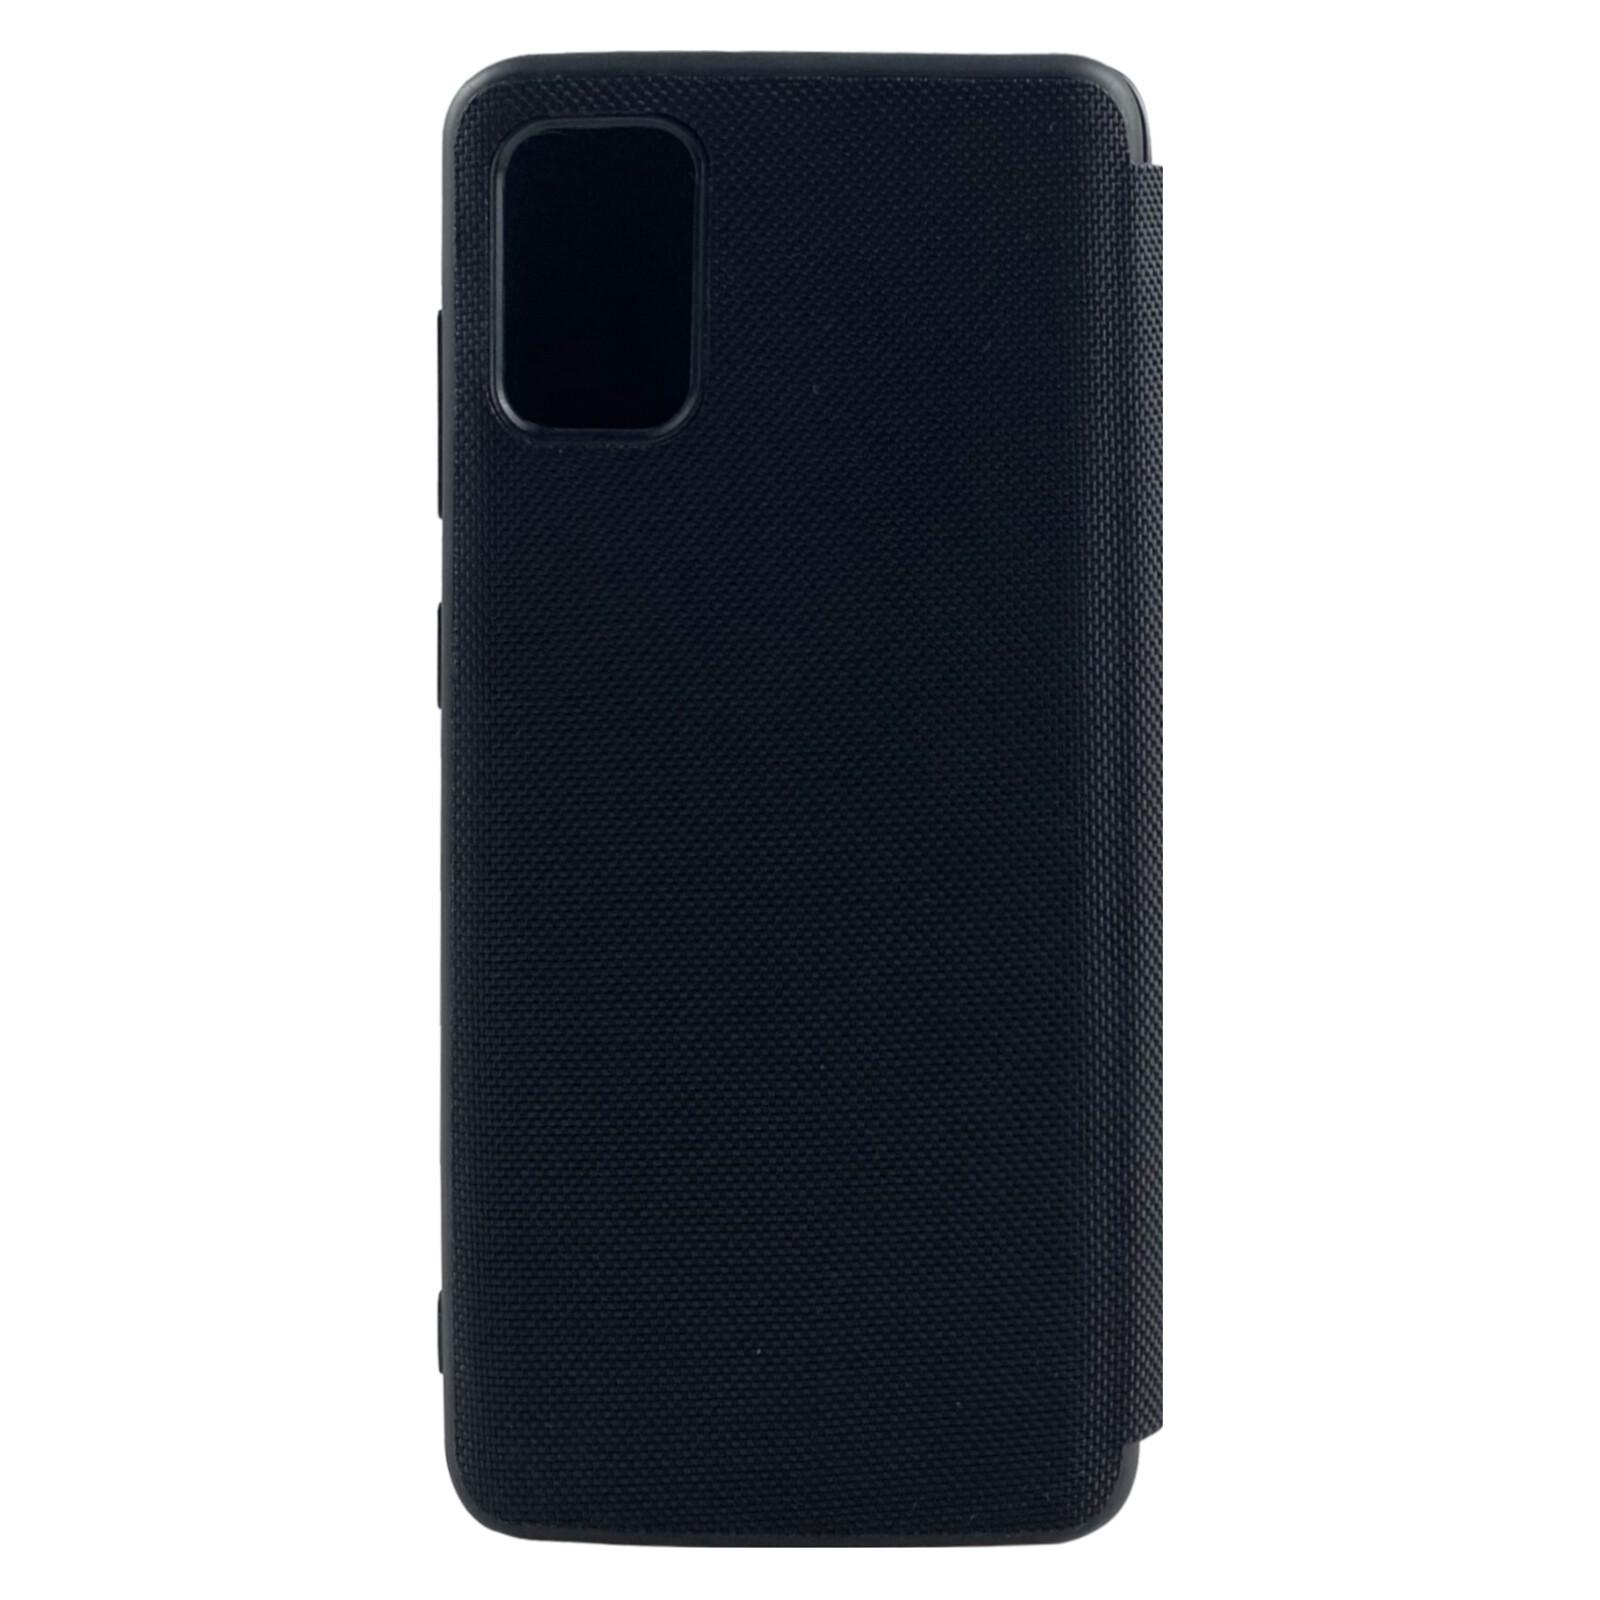 Felixx Booktasche VALENCIA Samsung Galaxy A71 schwarz